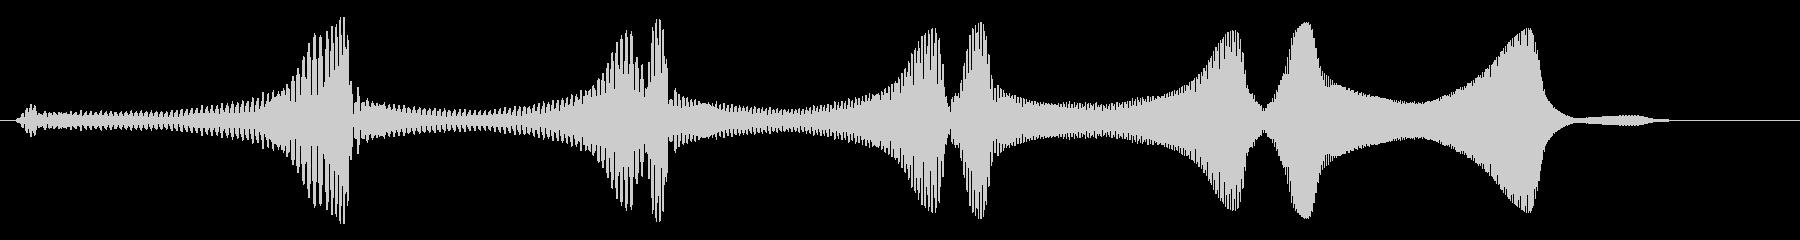 未確認飛行物体系の飛行音の未再生の波形